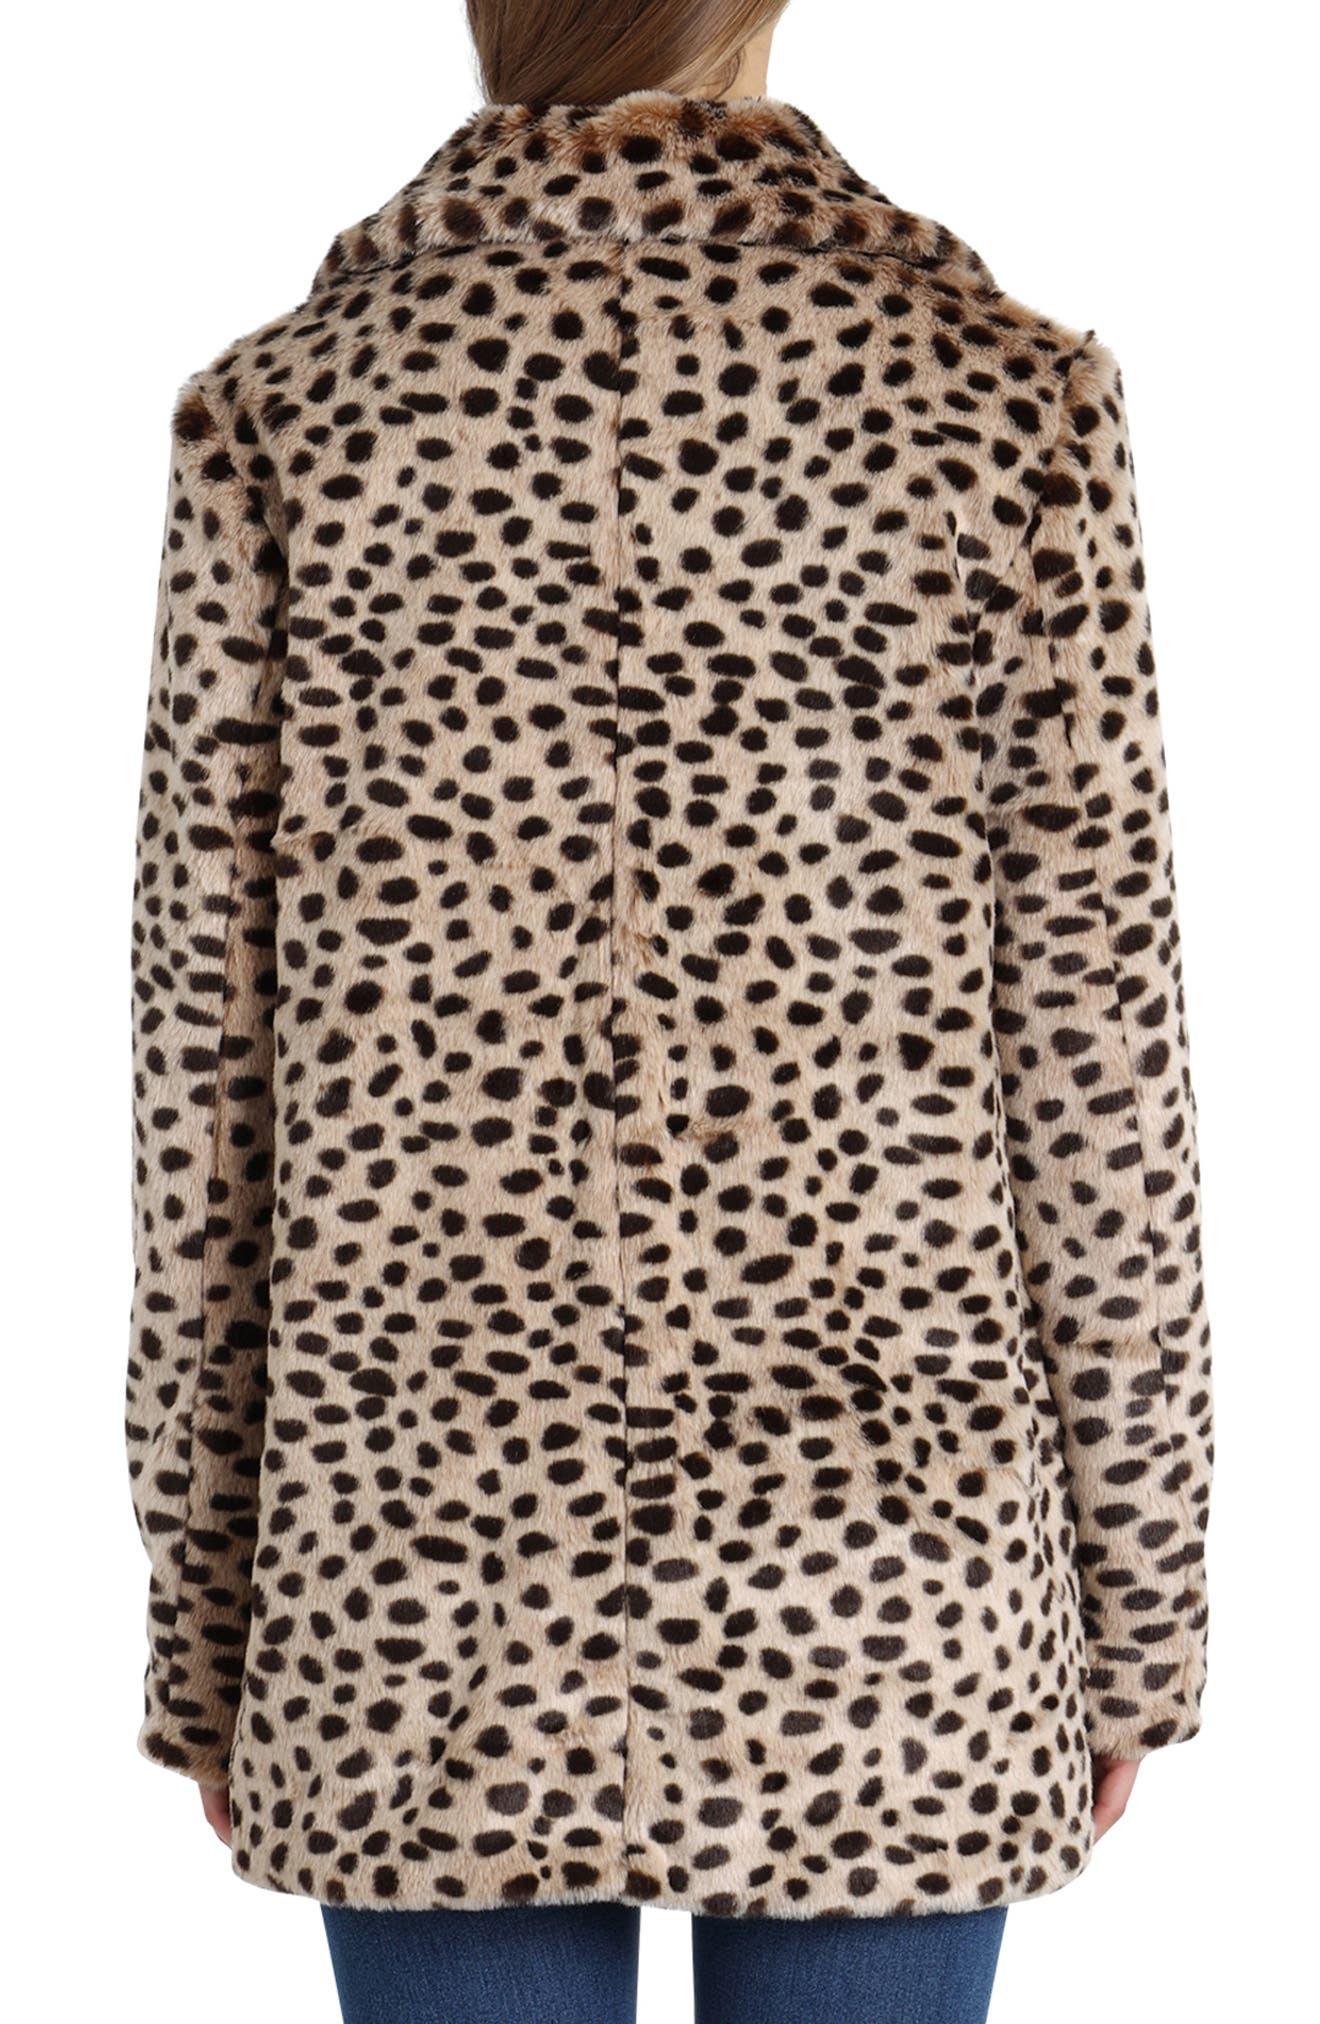 Leopard Print Faux Fur Coat,                             Alternate thumbnail 2, color,                             200